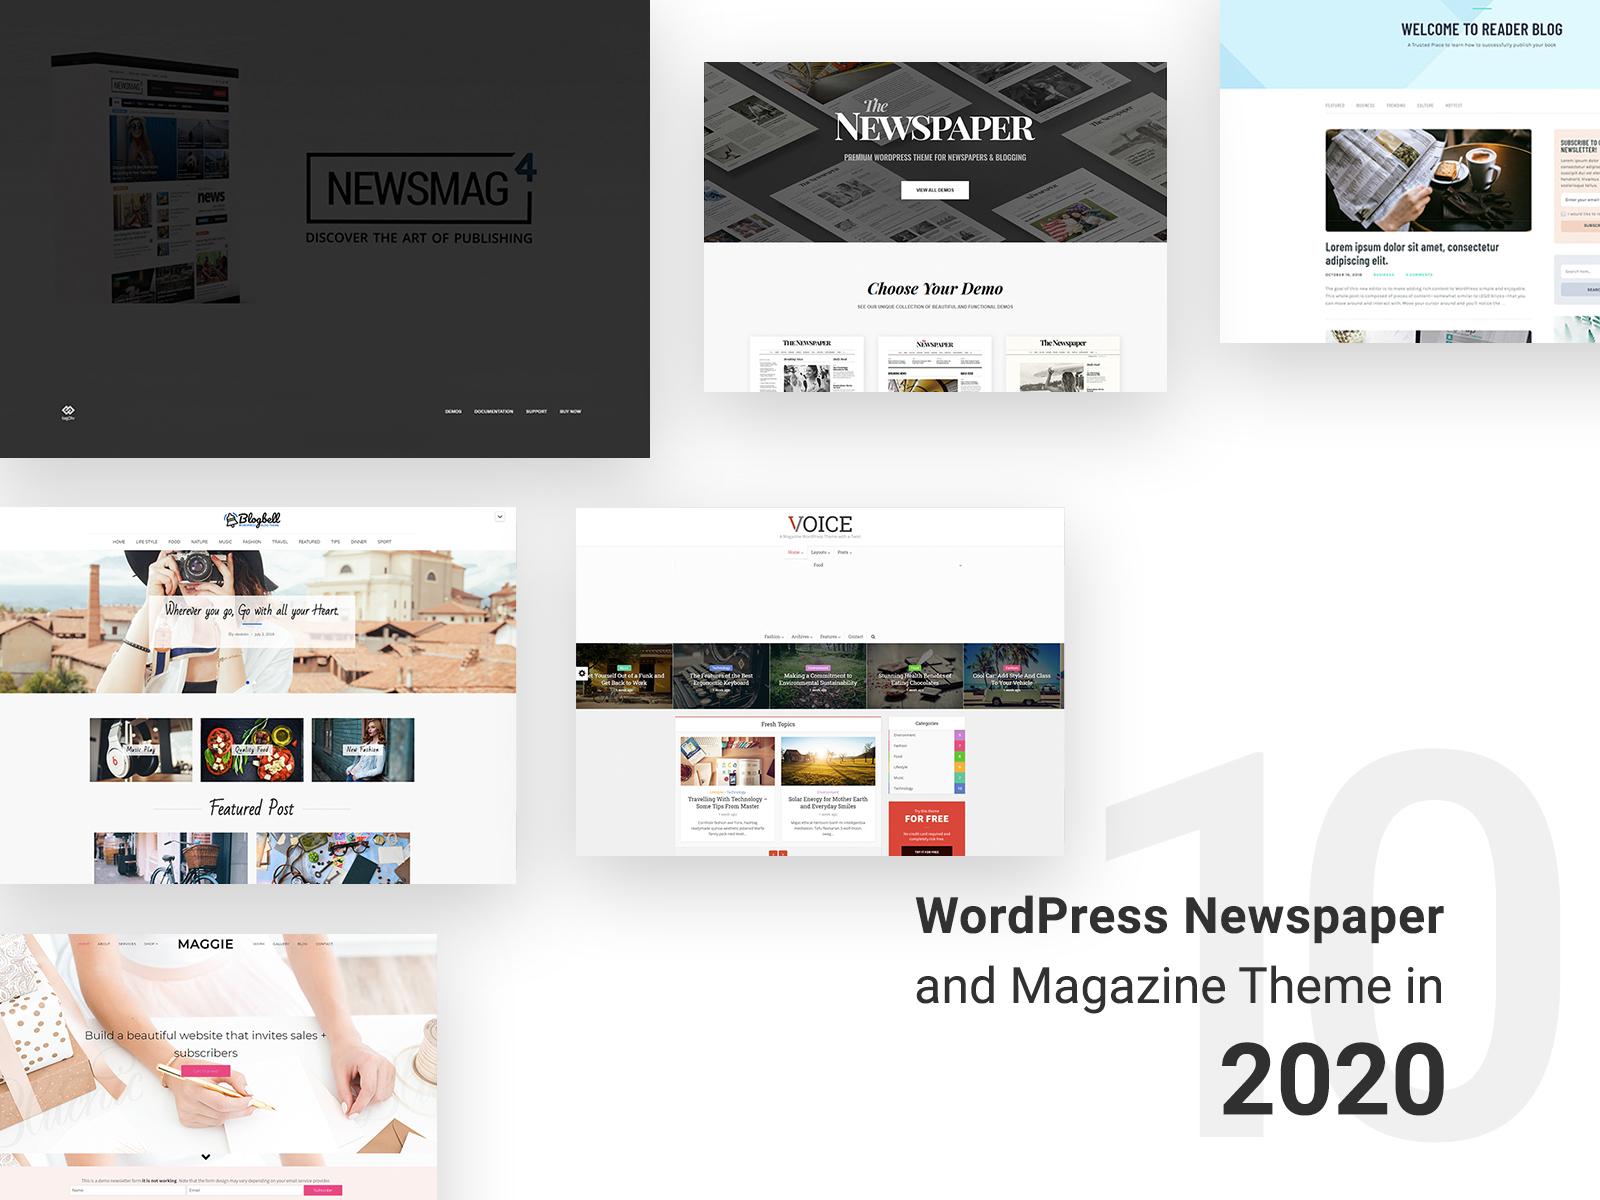 Newspaper and magazine wordpress theme